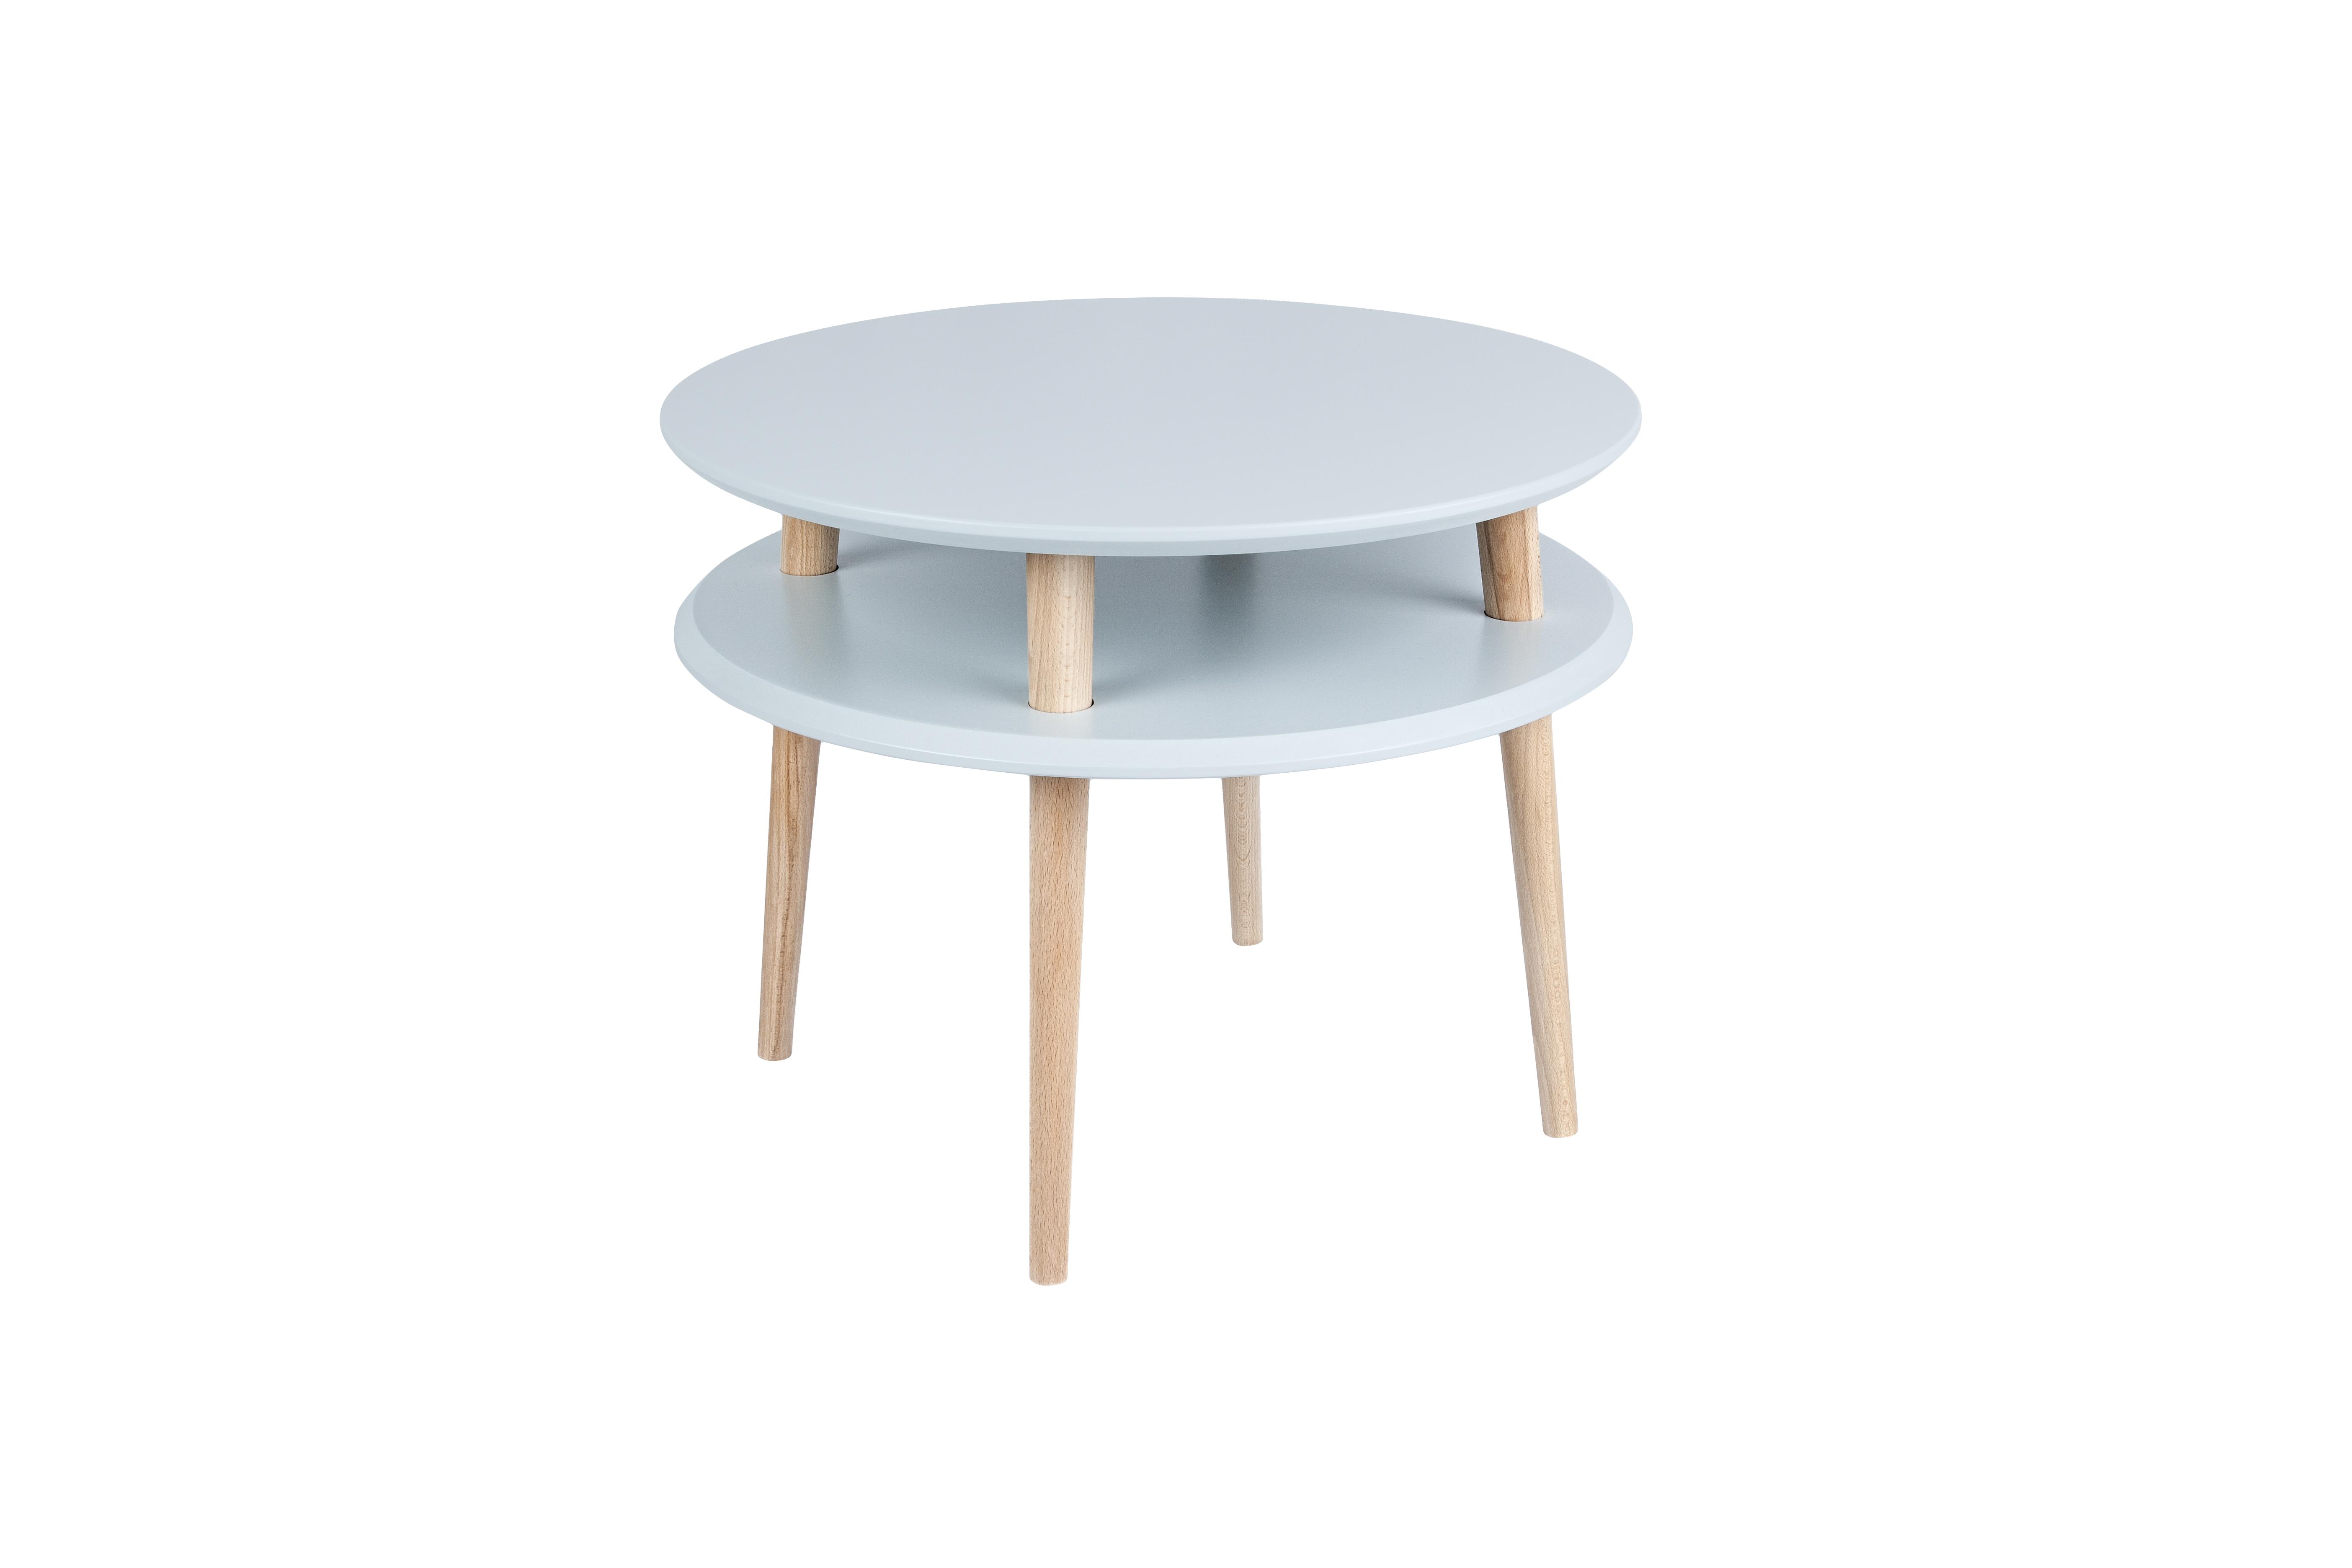 Masa de cafea Ufo Medium Light Grey, Ø57xh45 cm